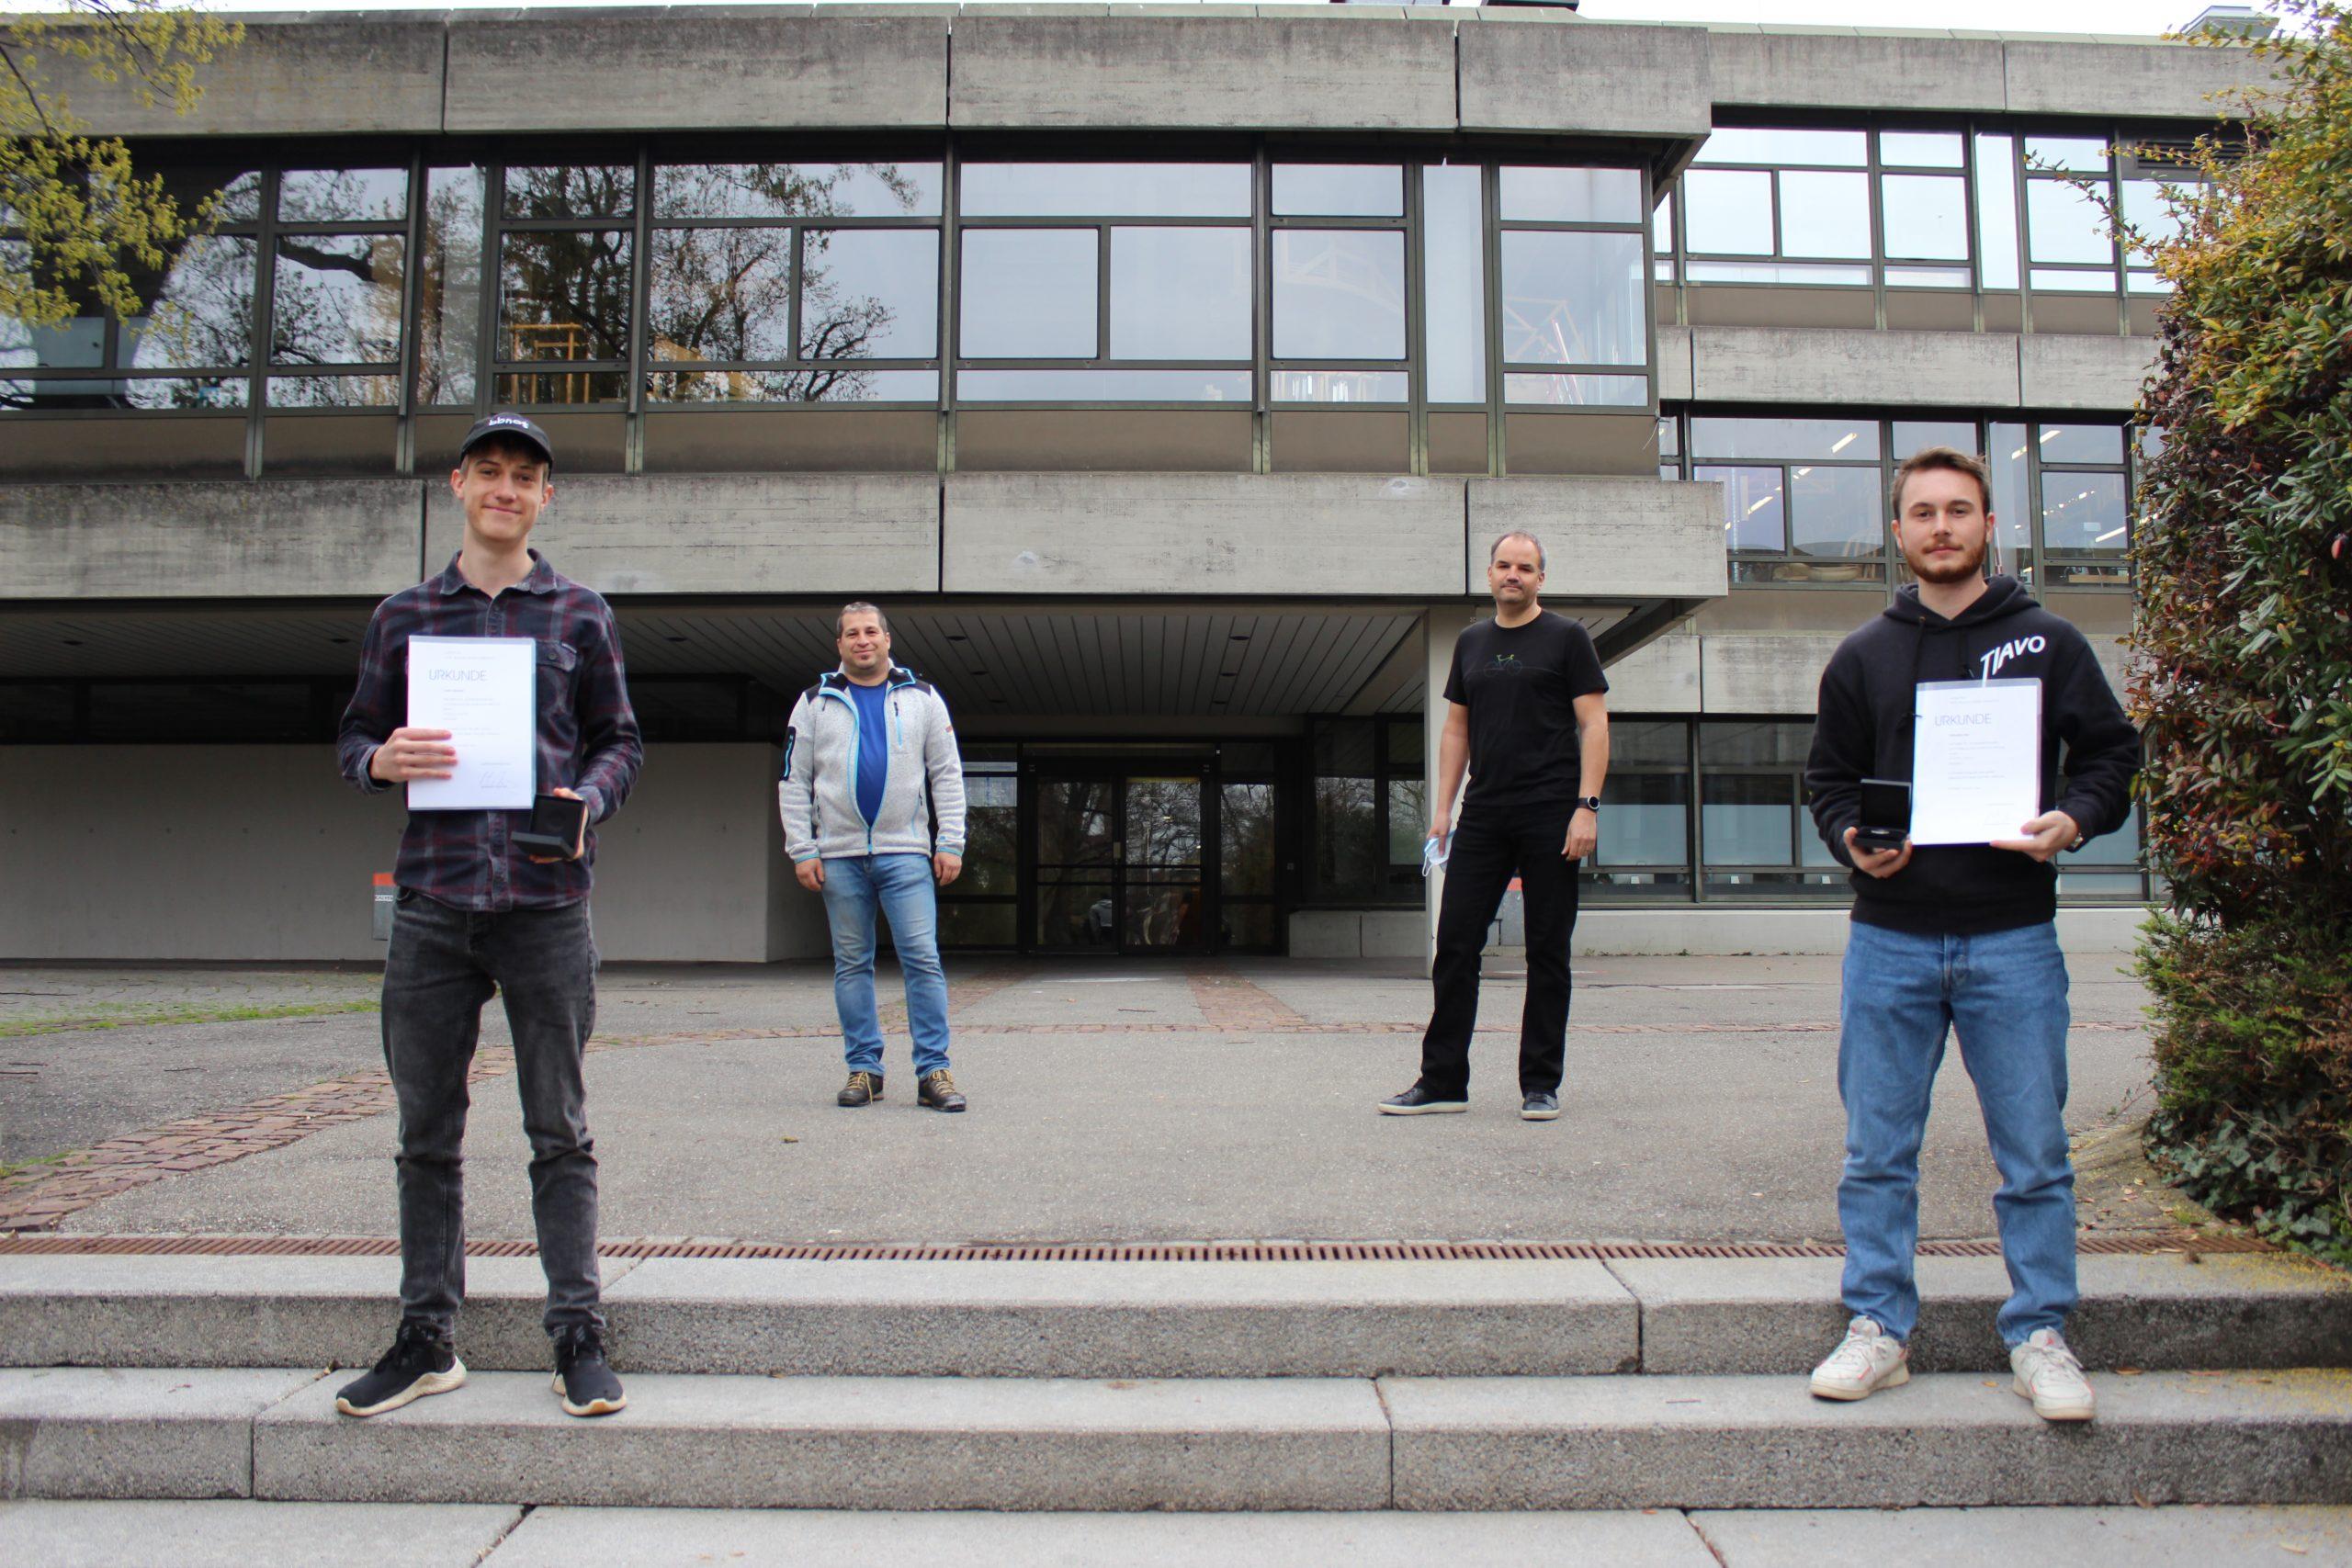 Preisträger beim 63. Schülerwettbewerb des Landtages Baden-Württemberg zur politischen Bildung